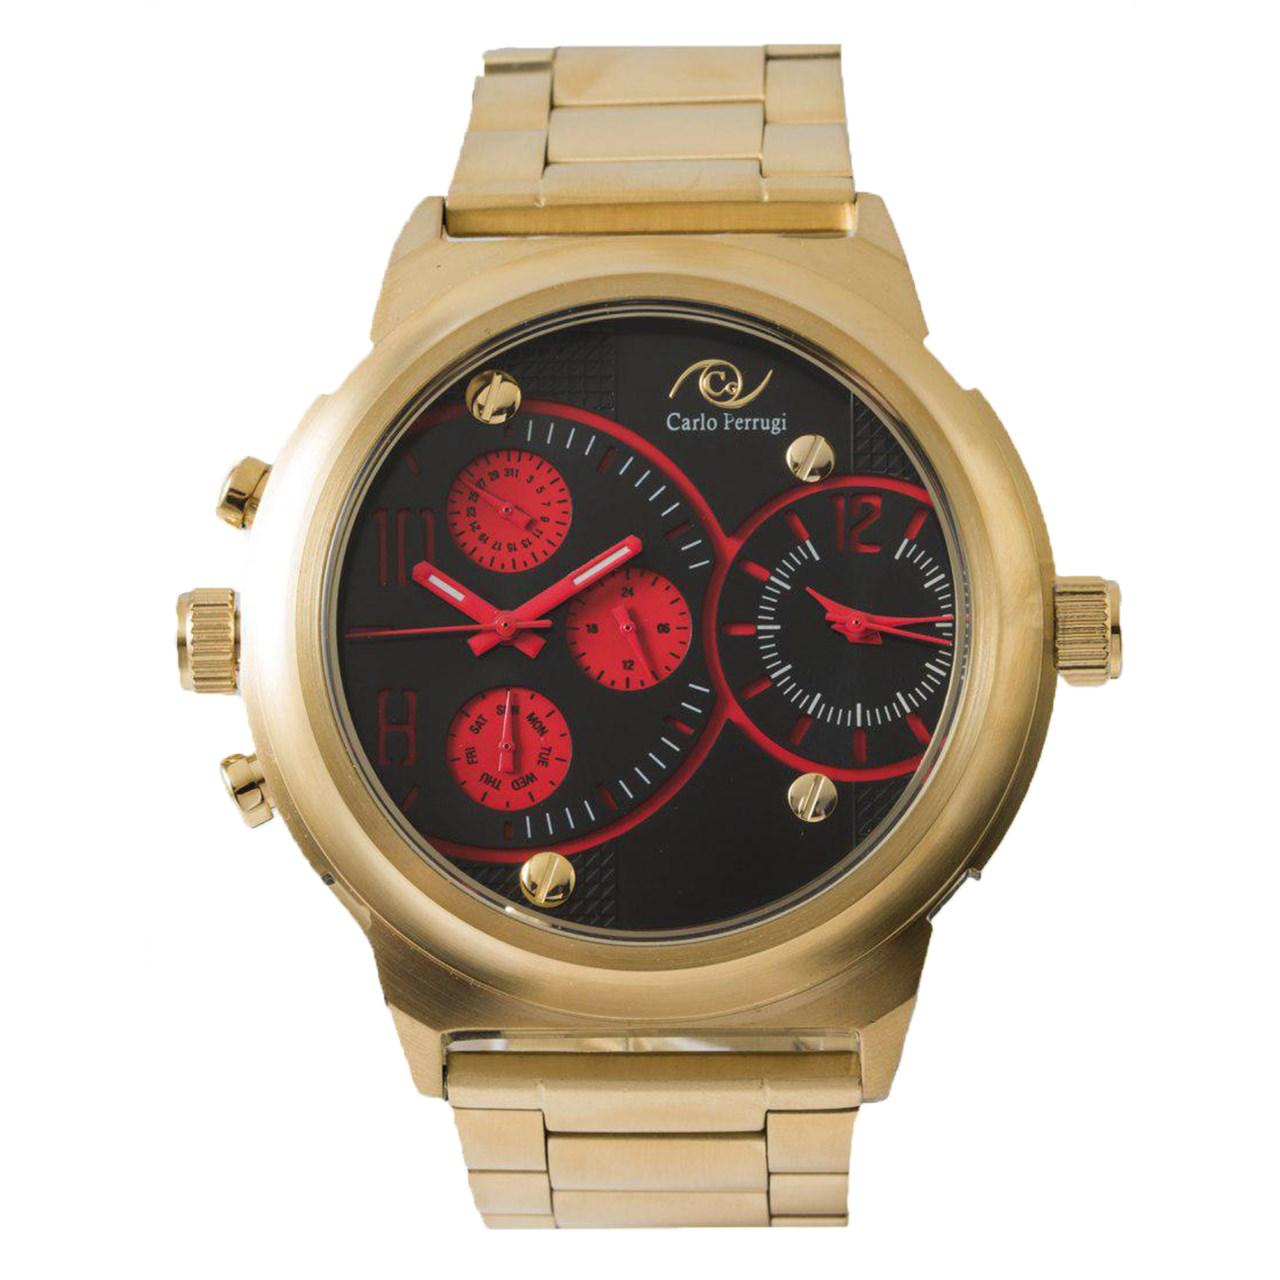 ساعت مچی عقربه ای مردانه کارلو پروجی مدل S121 55